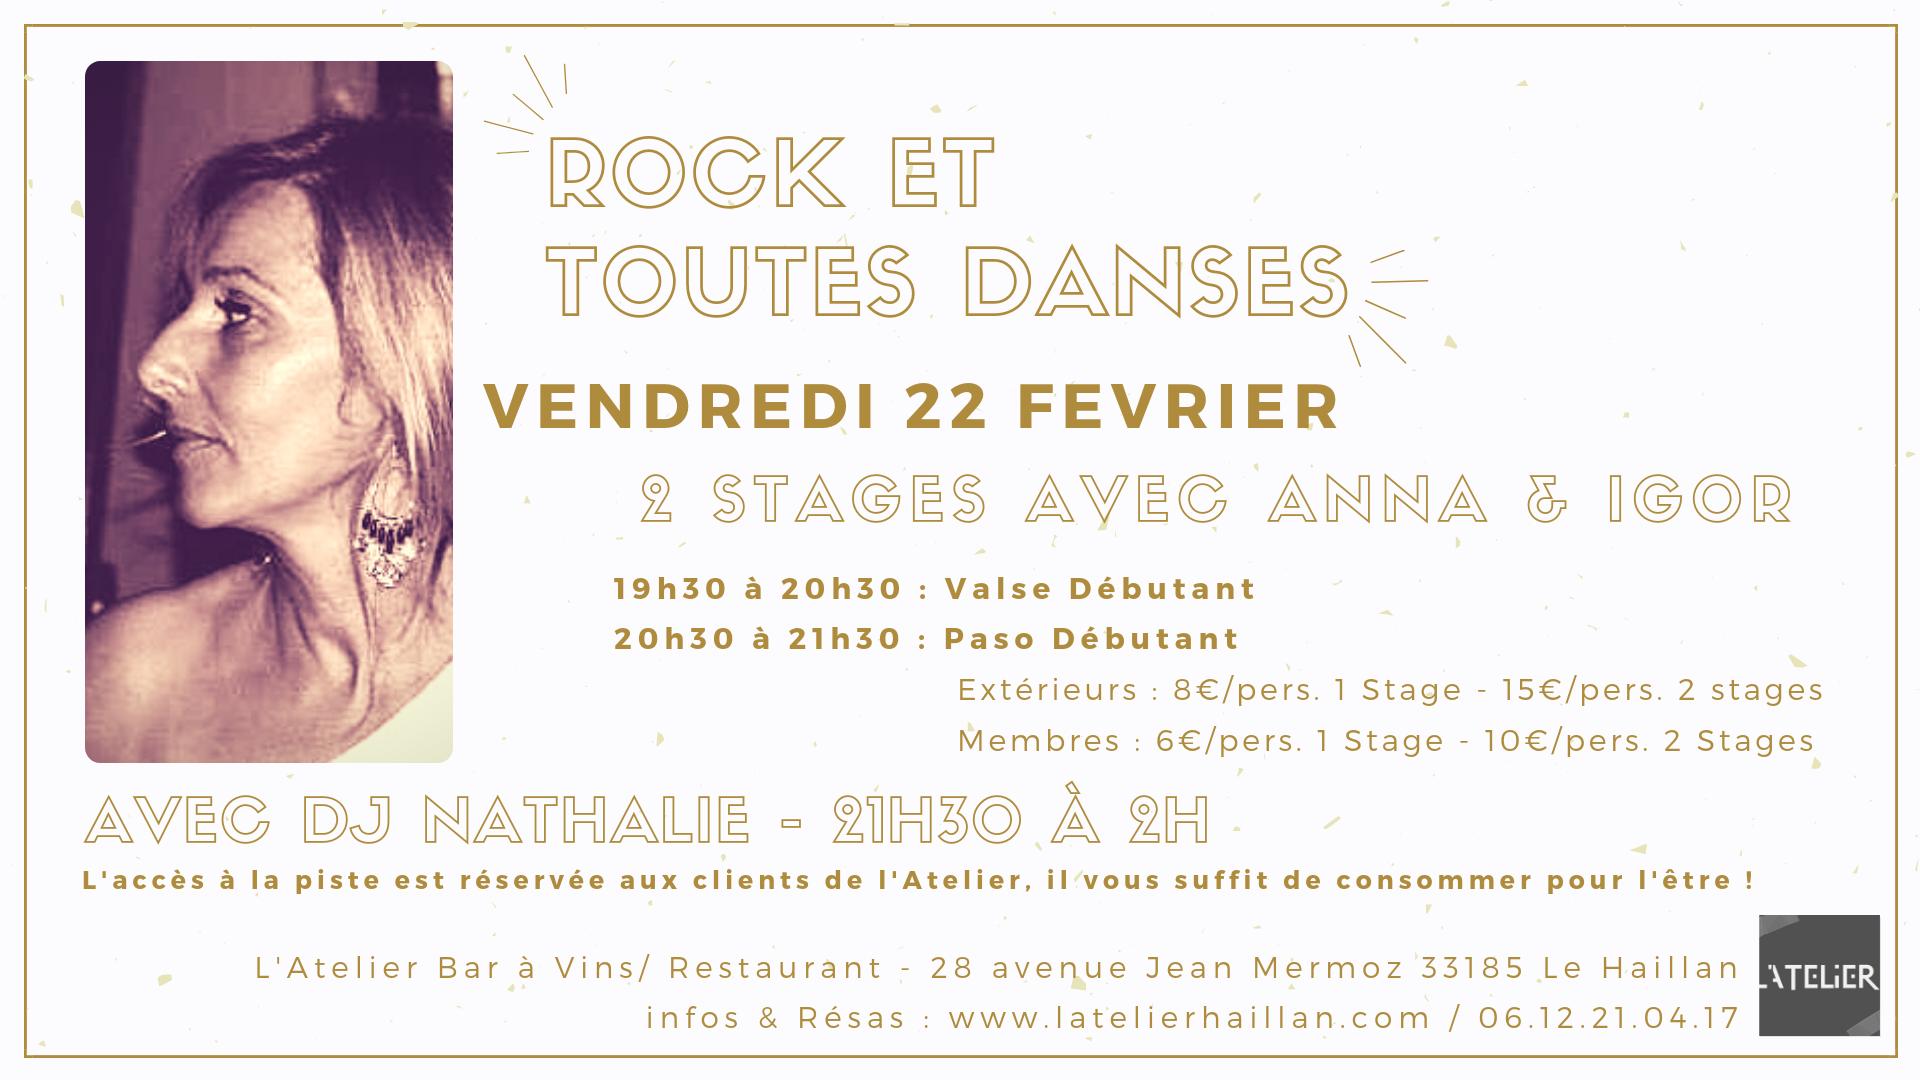 Soirée Rock & Toutes Danses - 2 stages